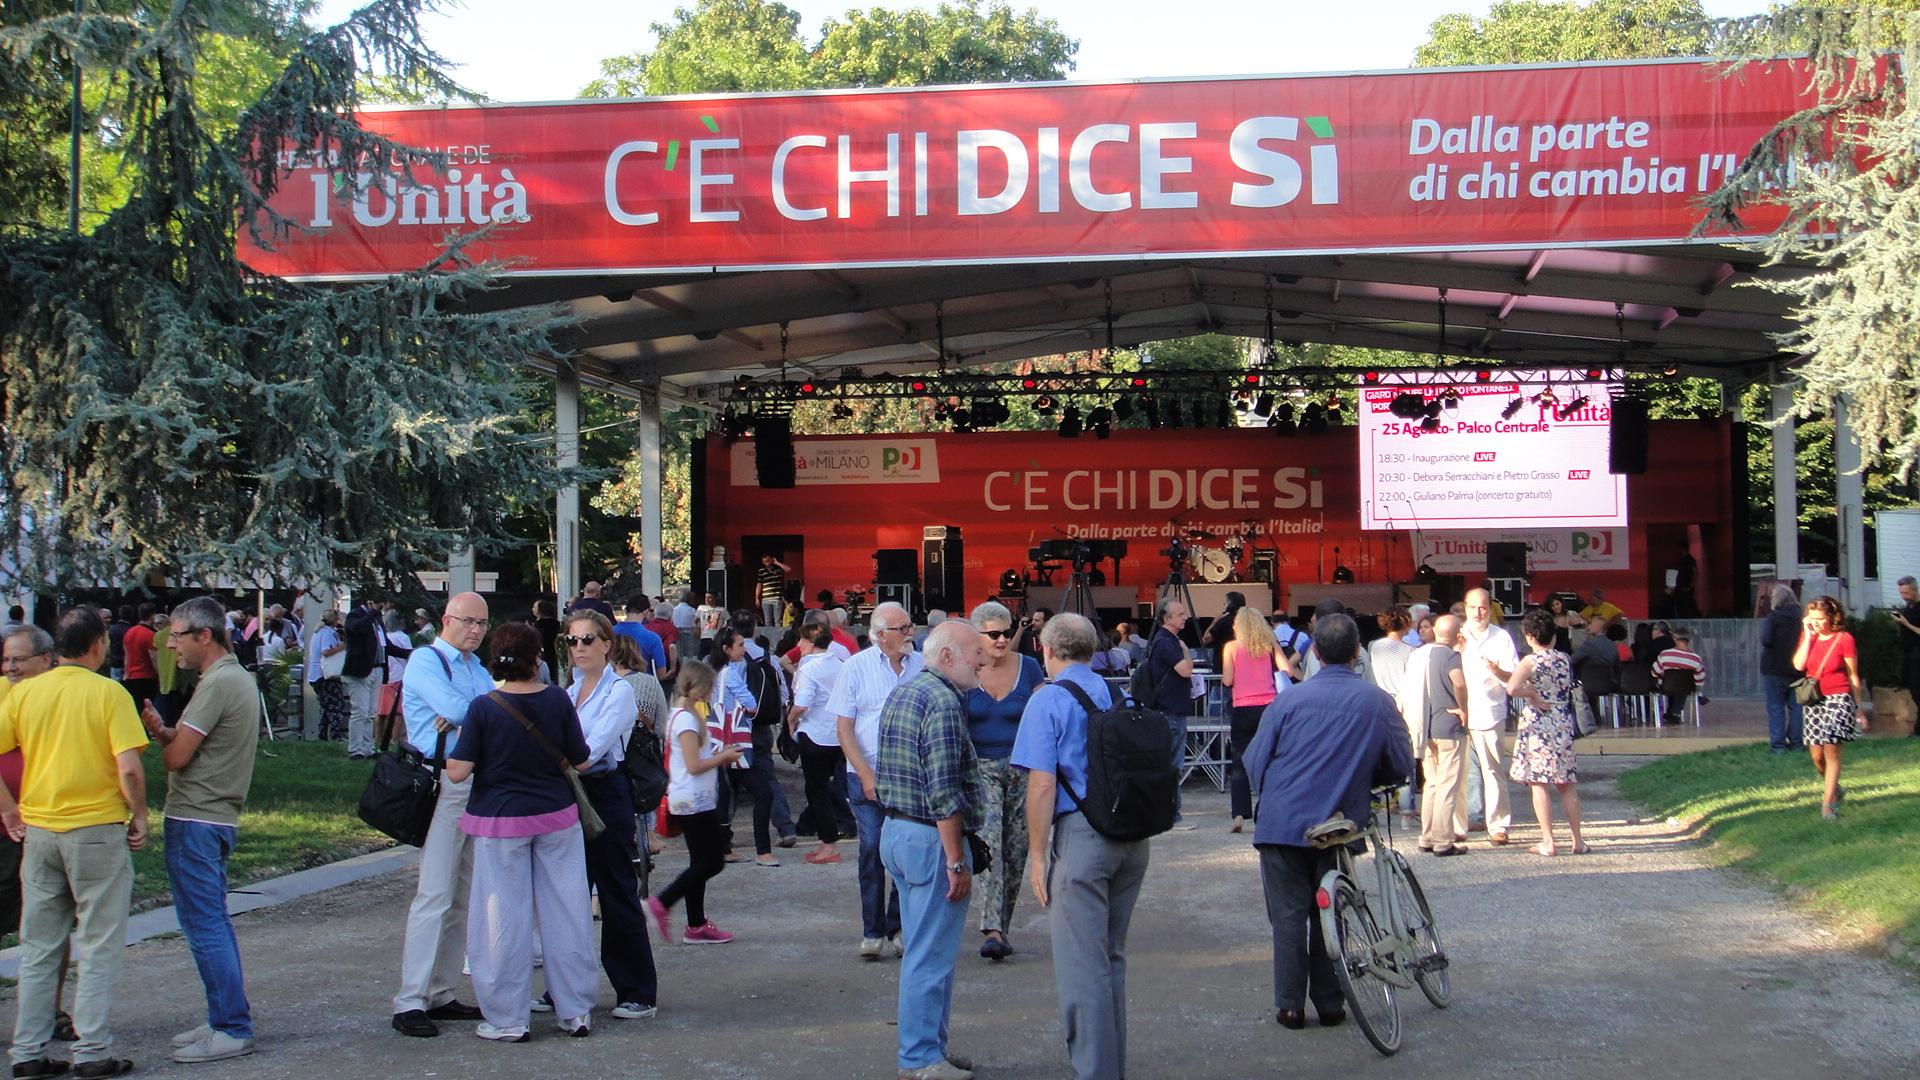 Festa dell'Unità, Milano 2015